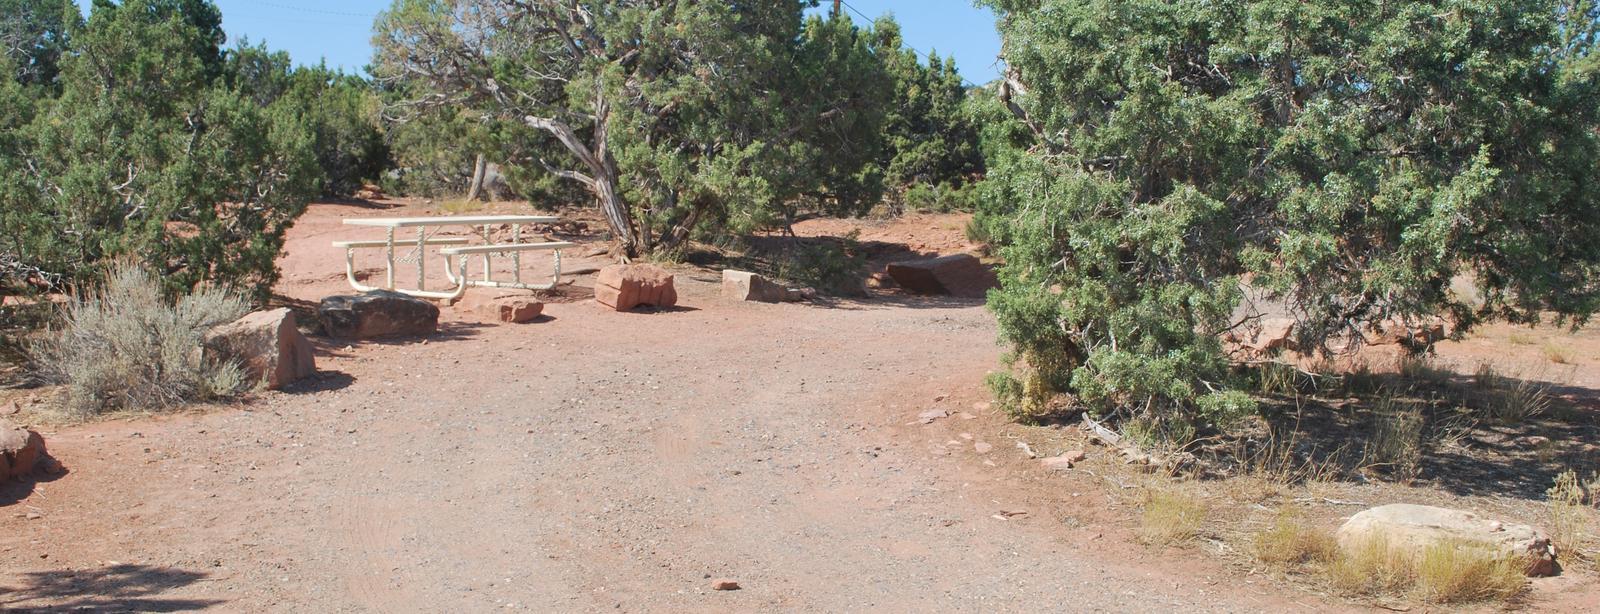 Loop B Site 22